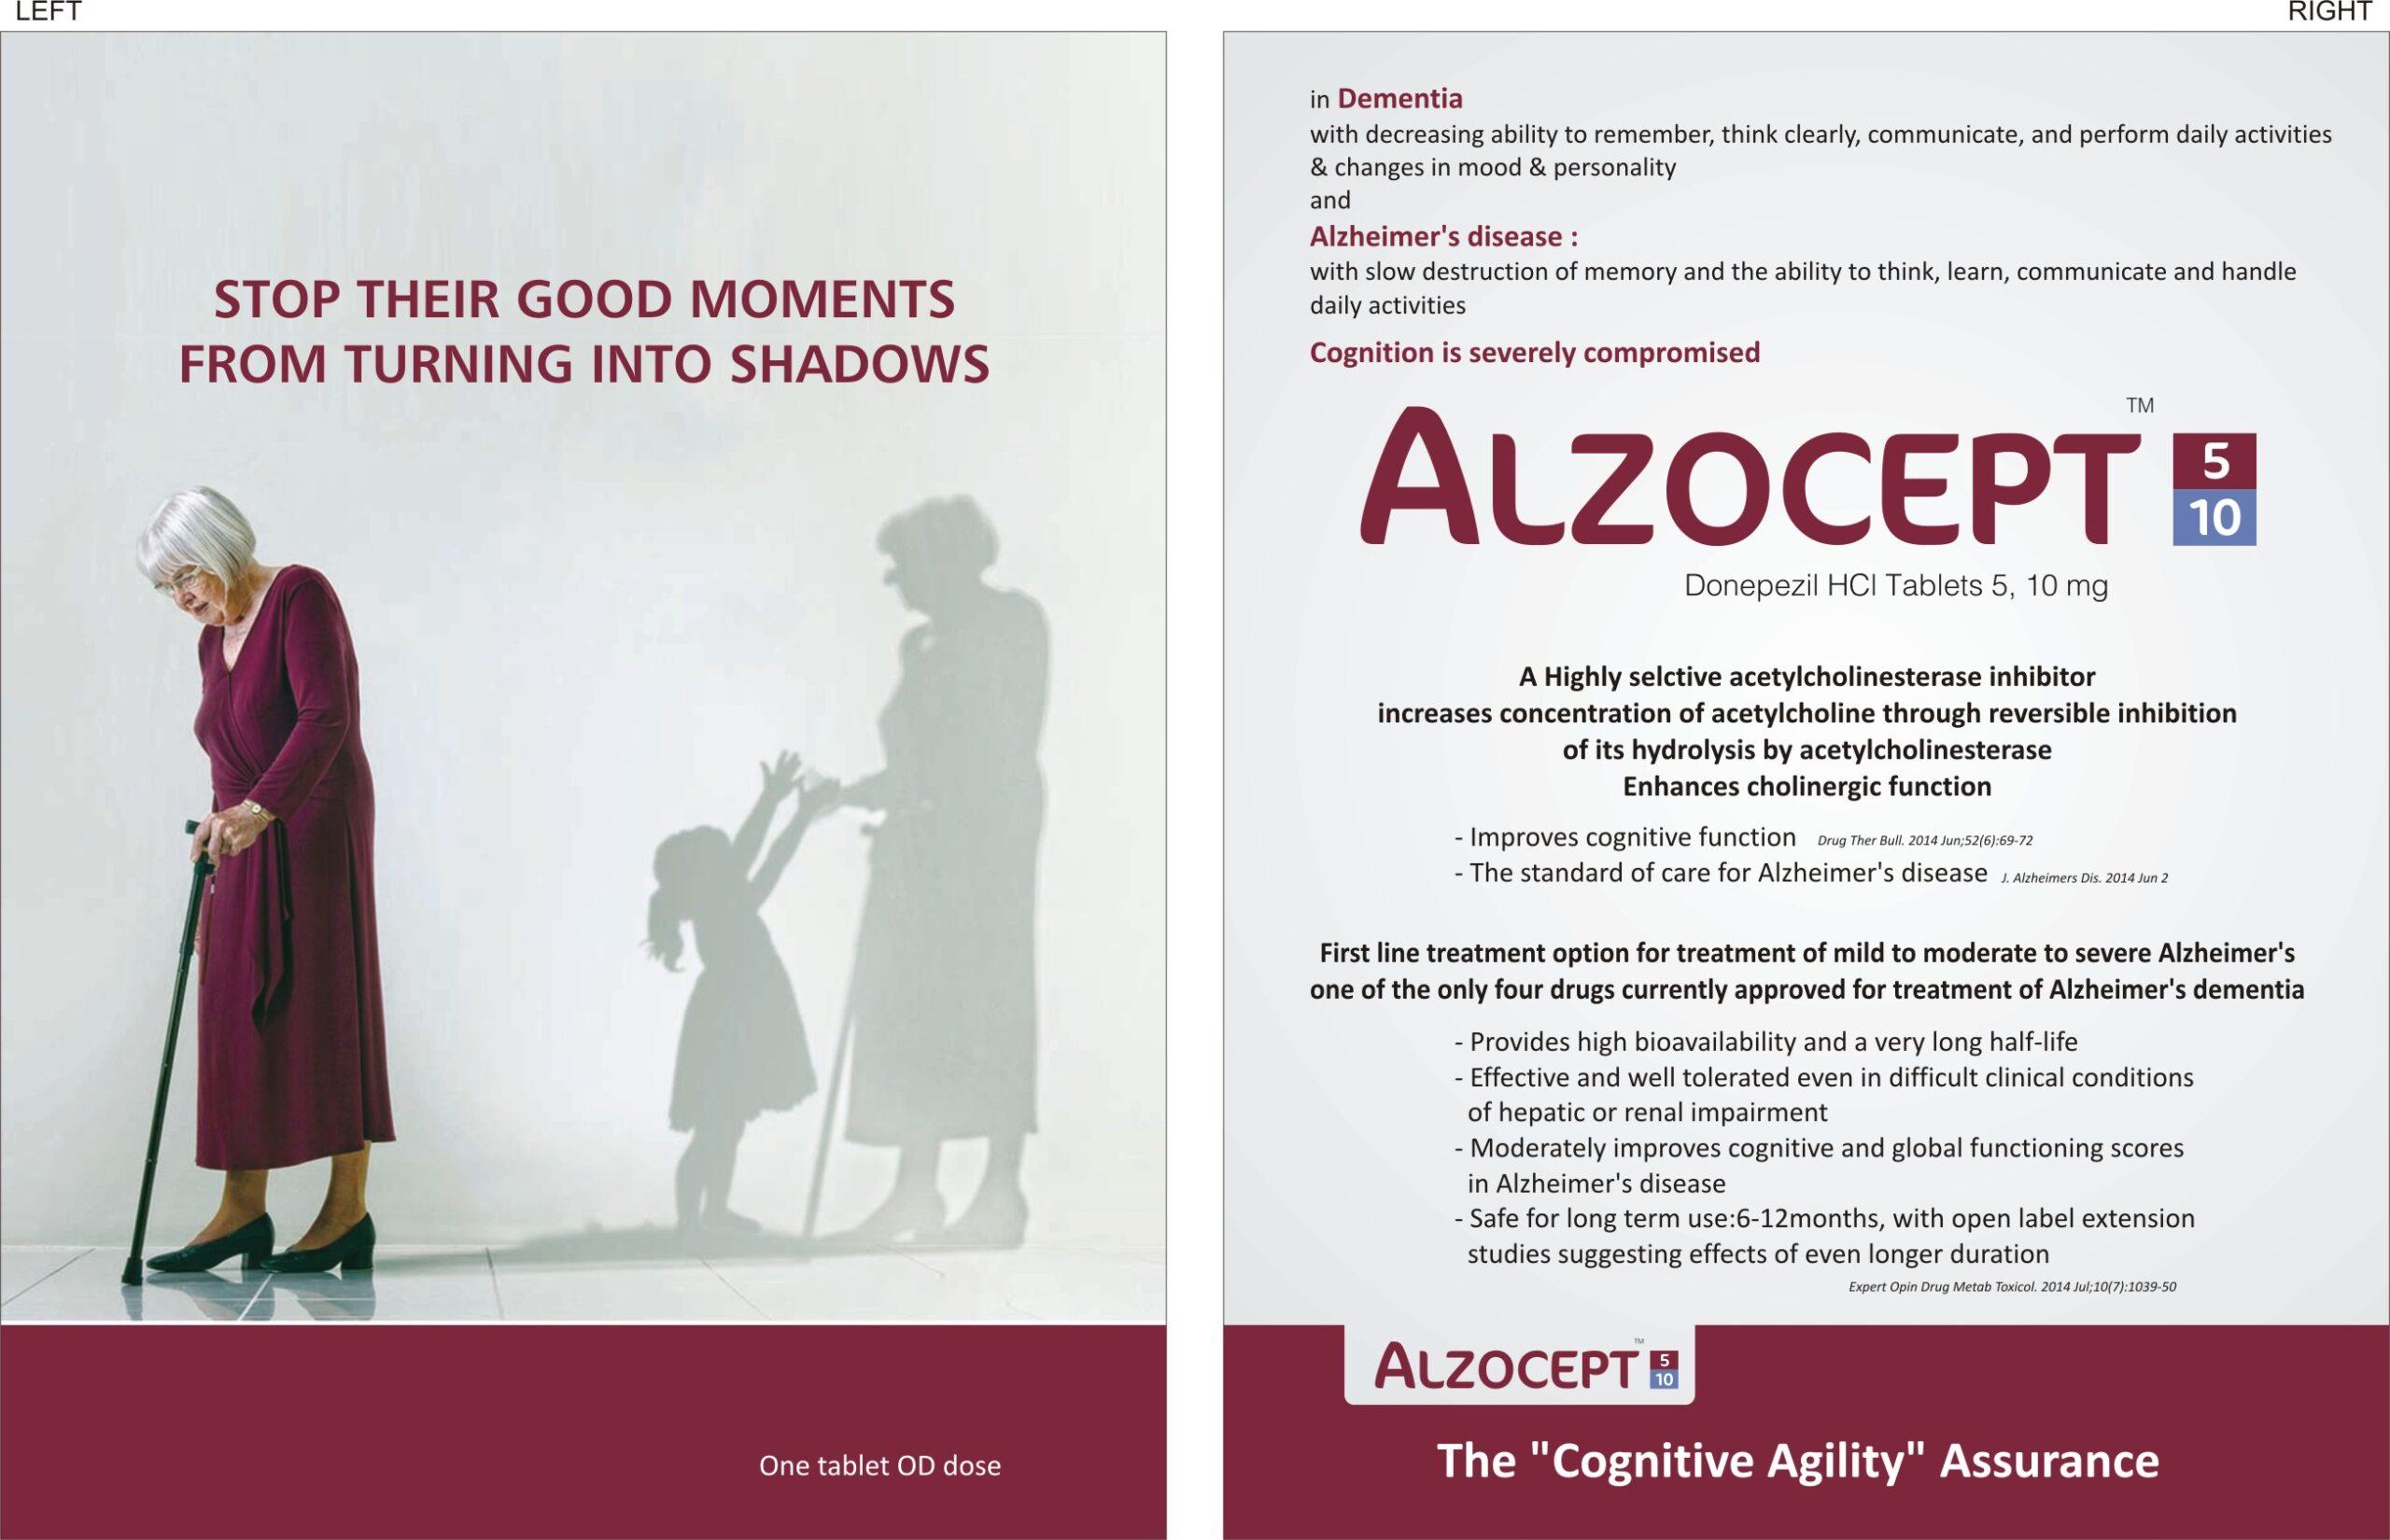 Alzocept 5